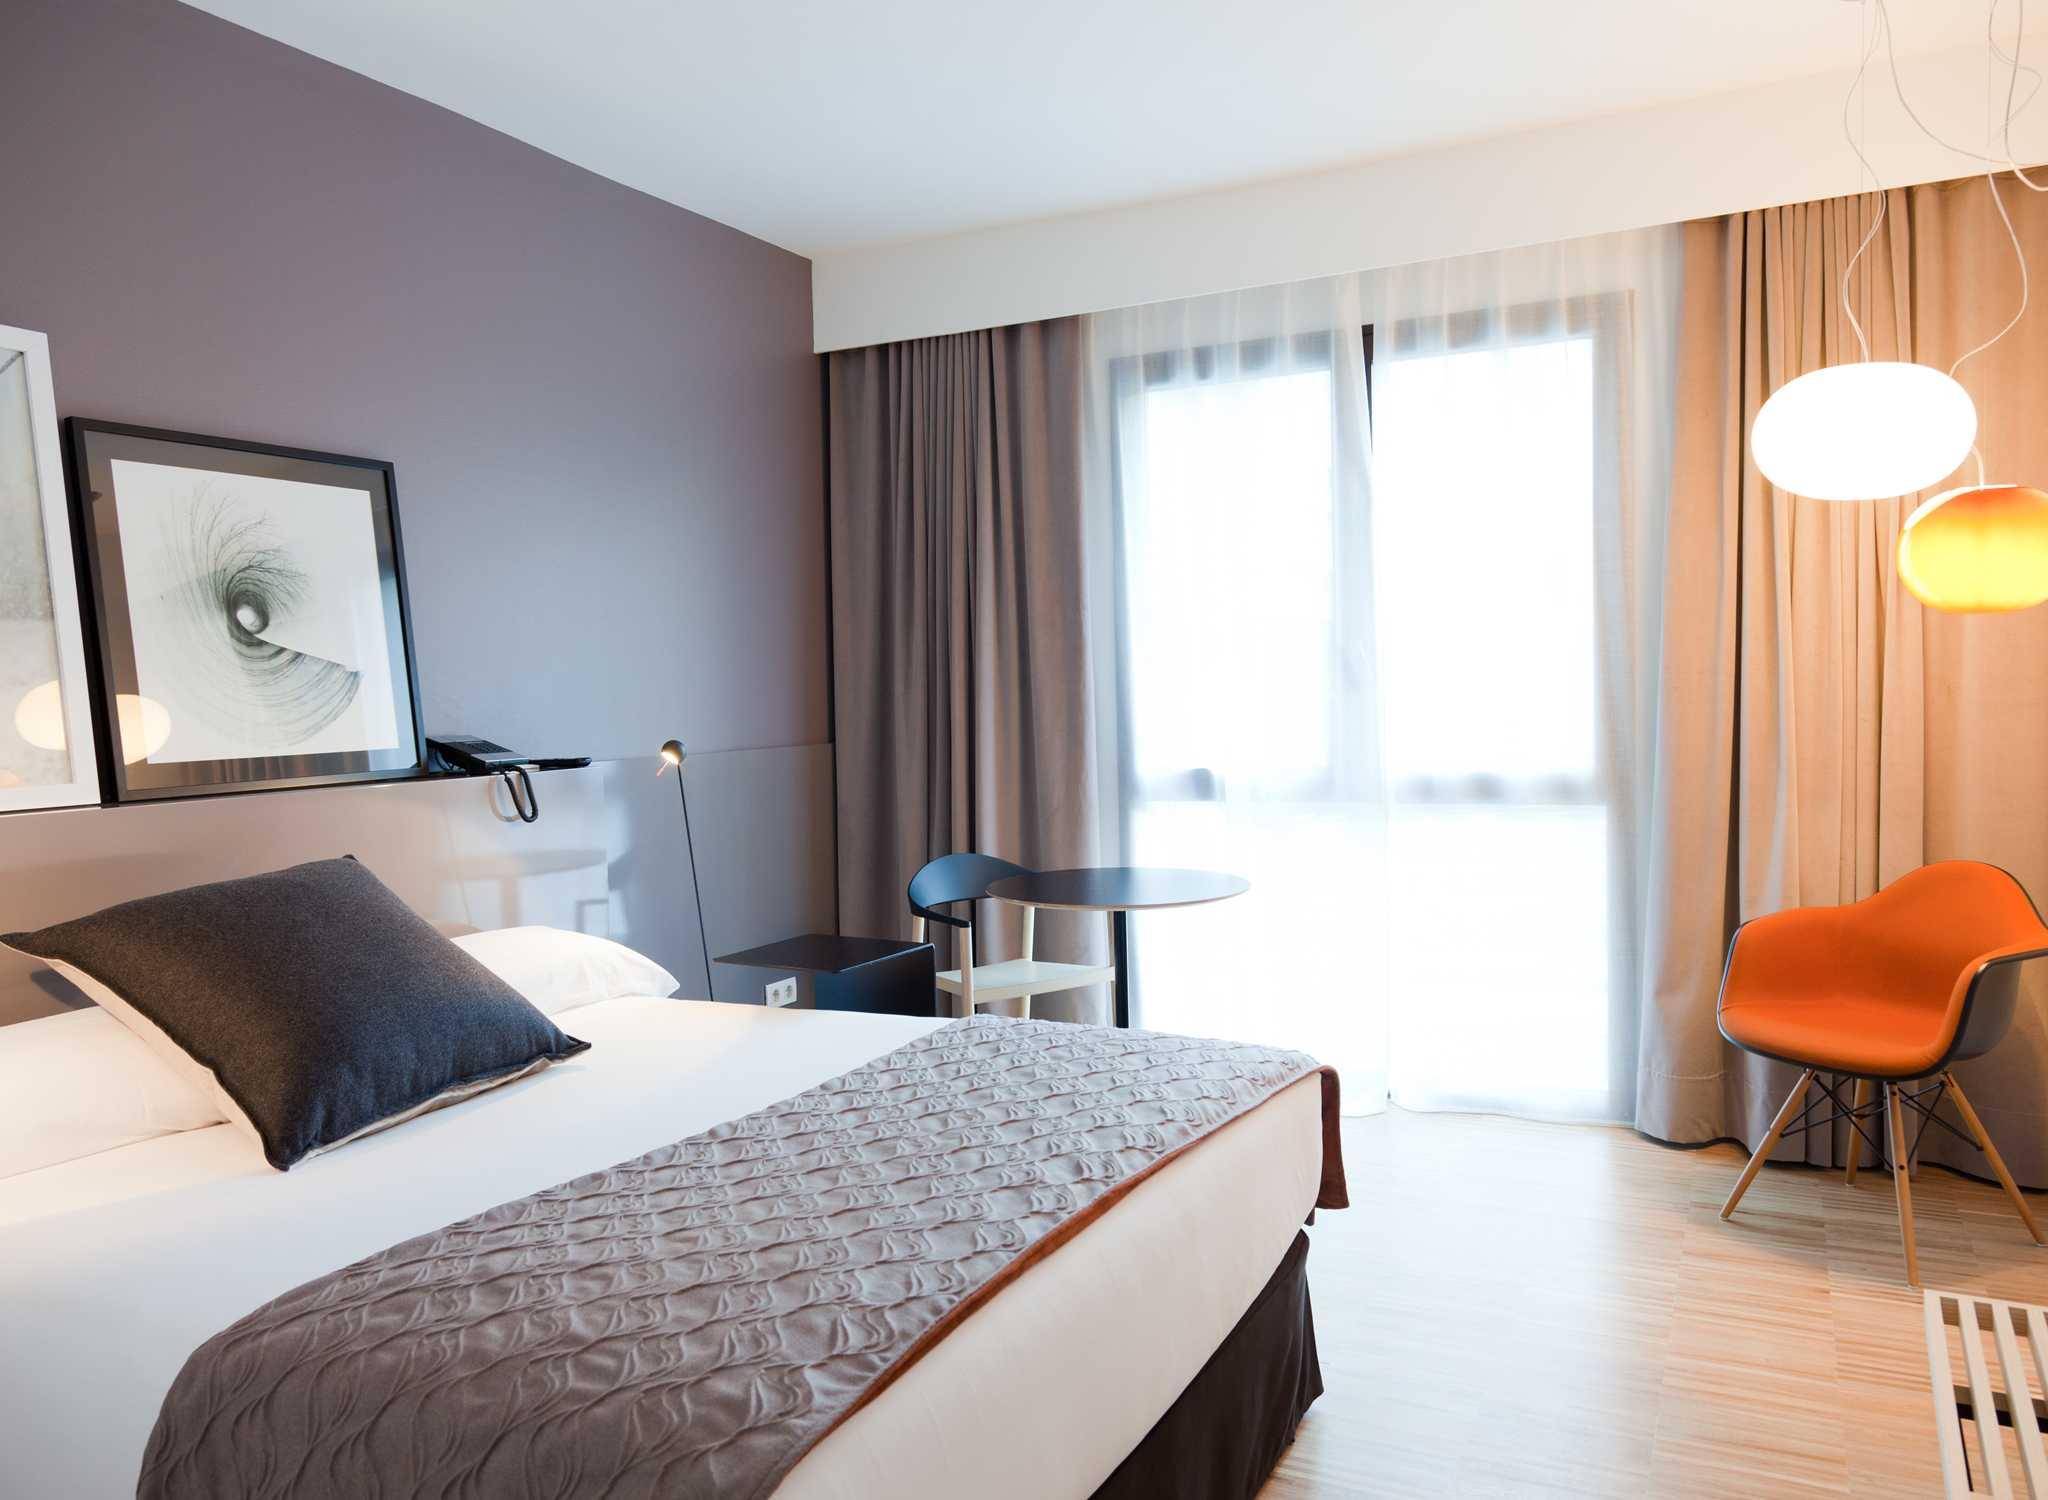 Hoteles en espa a barcelona madrid mallorca hilton - Habitaciones disenos modernos ...